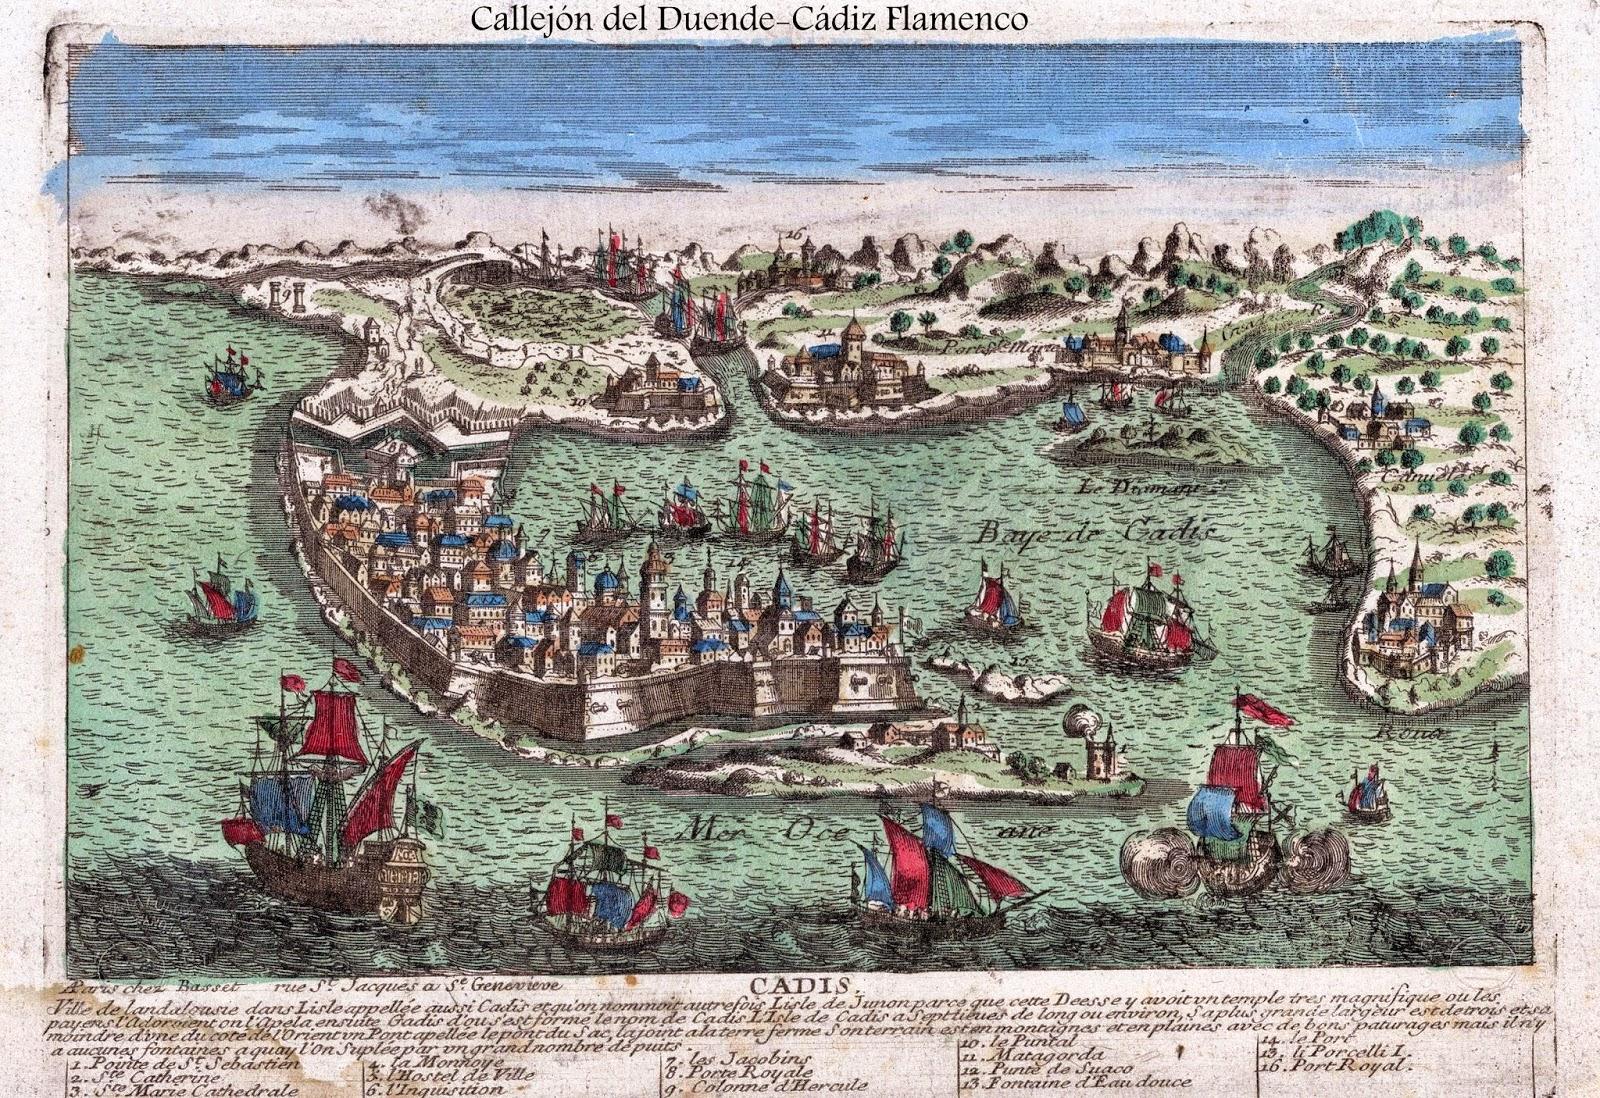 plano-de-la-bahia-de-cadiz-en-1700-xx